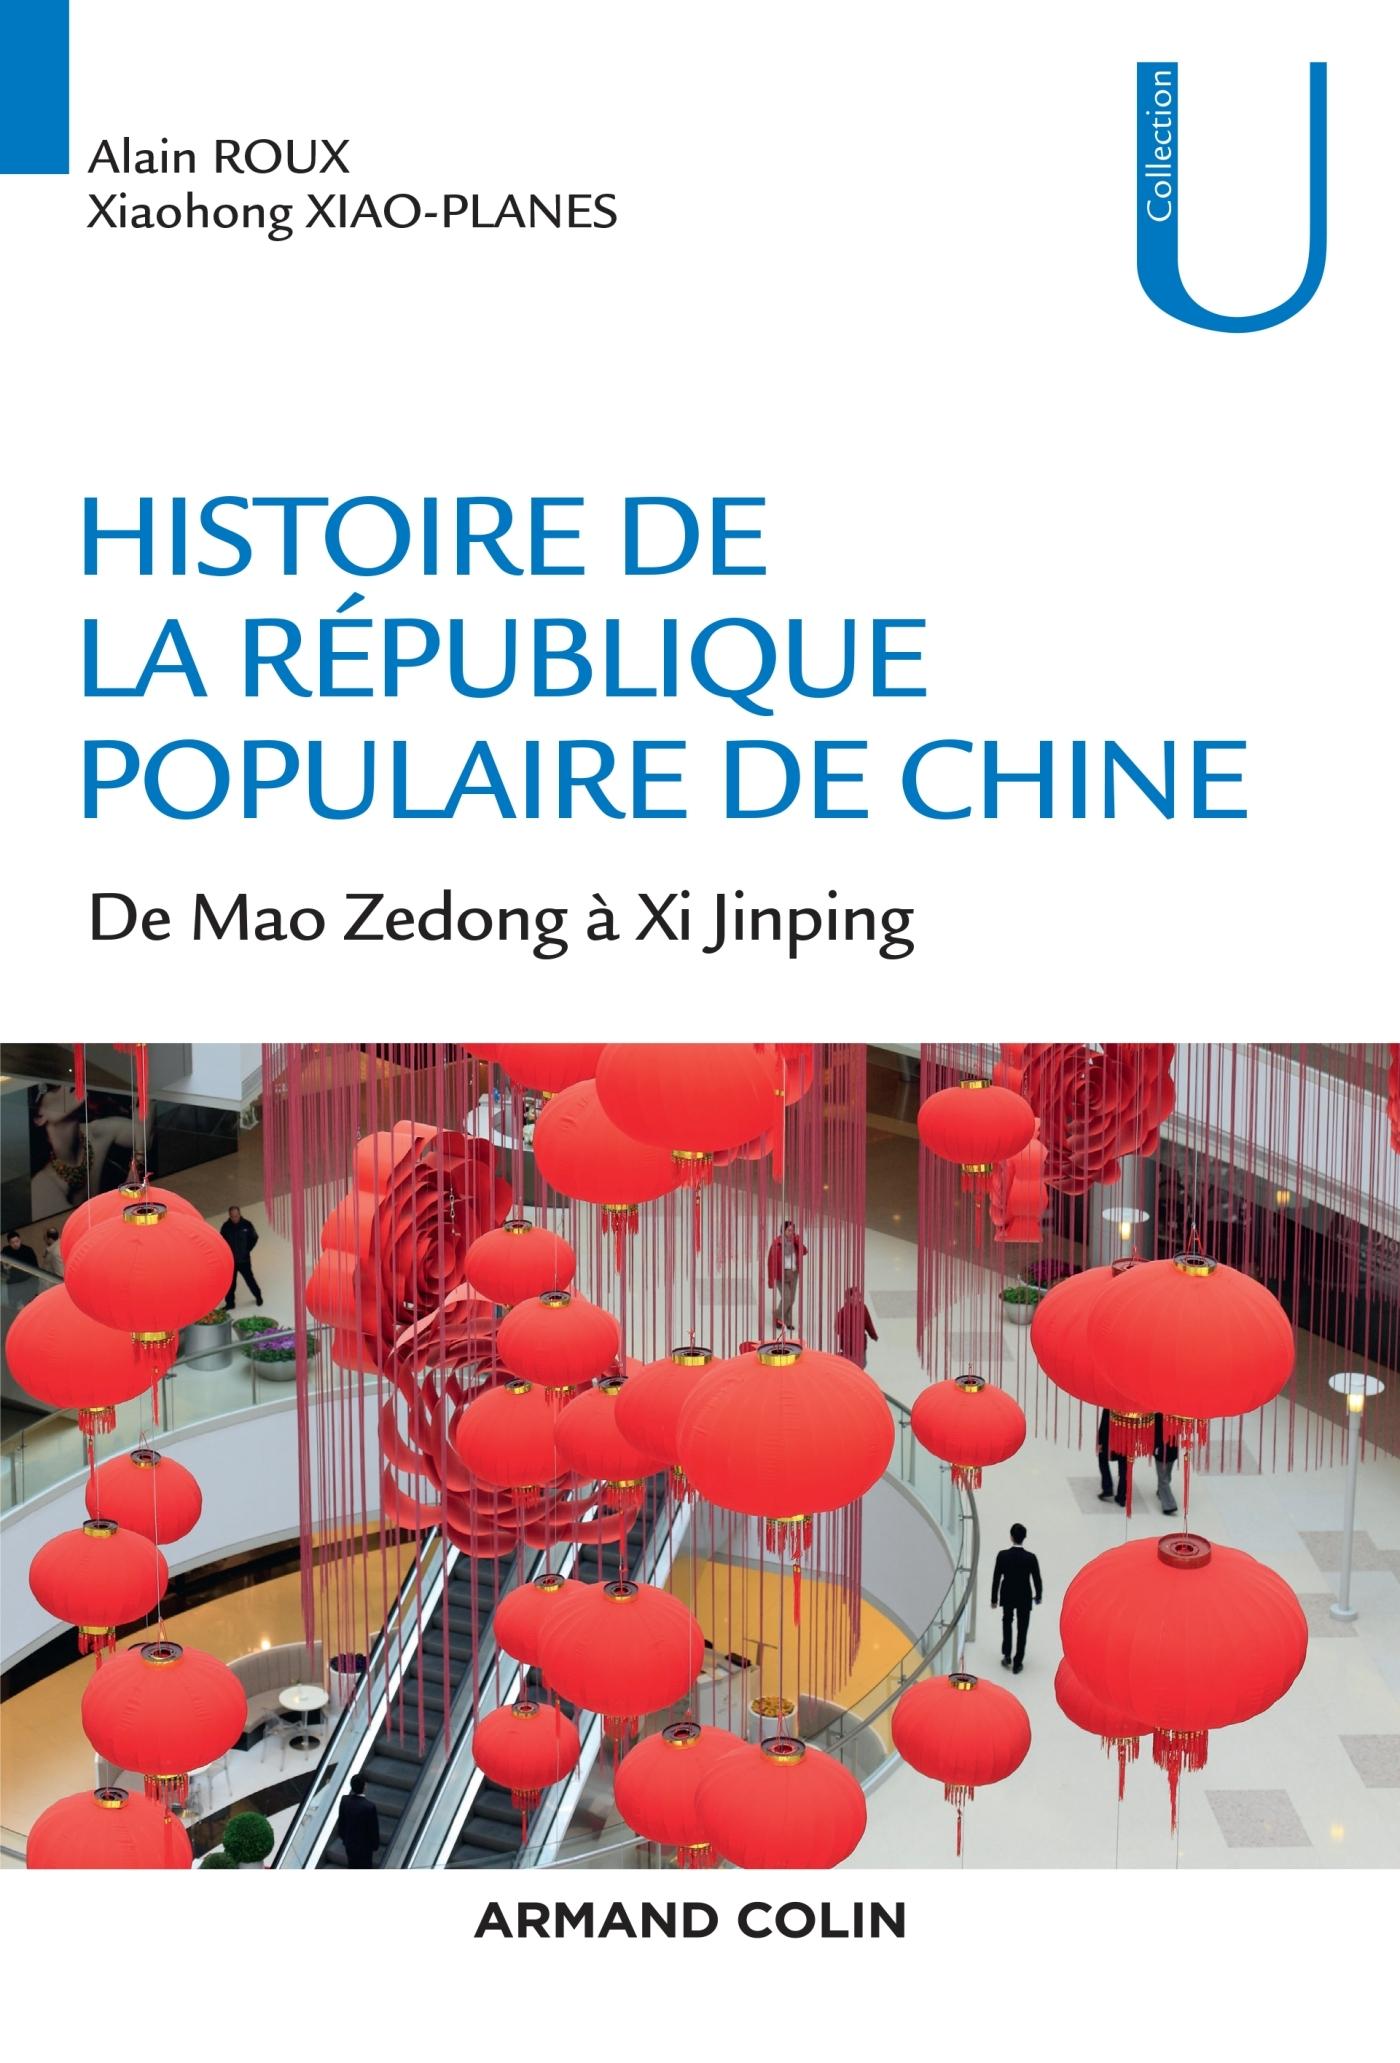 HISTOIRE DE LA REPUBLIQUE POPULAIRE DE CHINE - DE MAO ZEDONG A XI JINPING